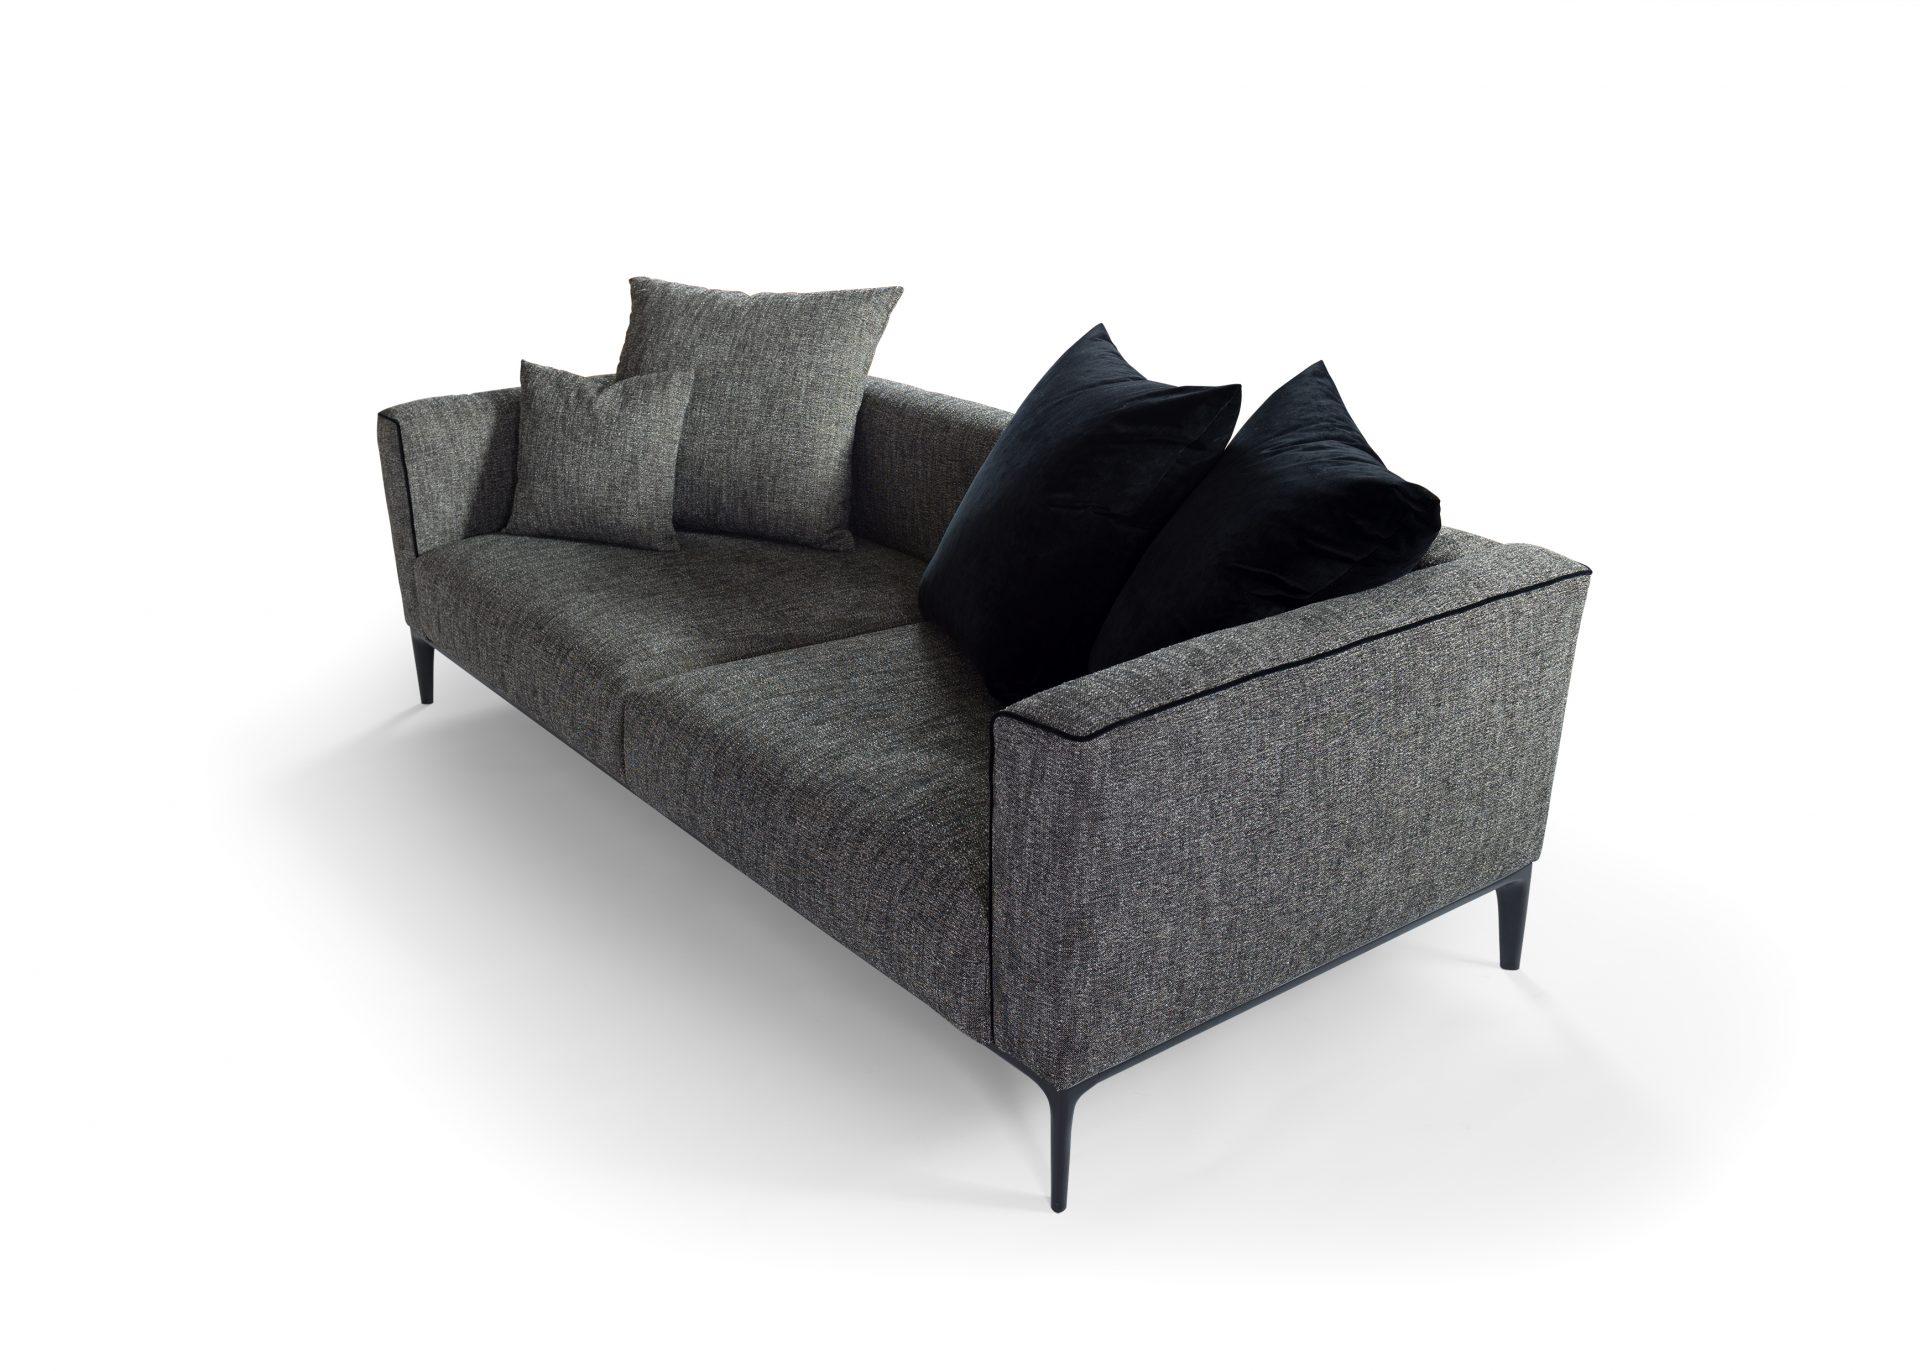 Canap duplex de ralph m raphaele meubles - Canape grande profondeur d assise ...